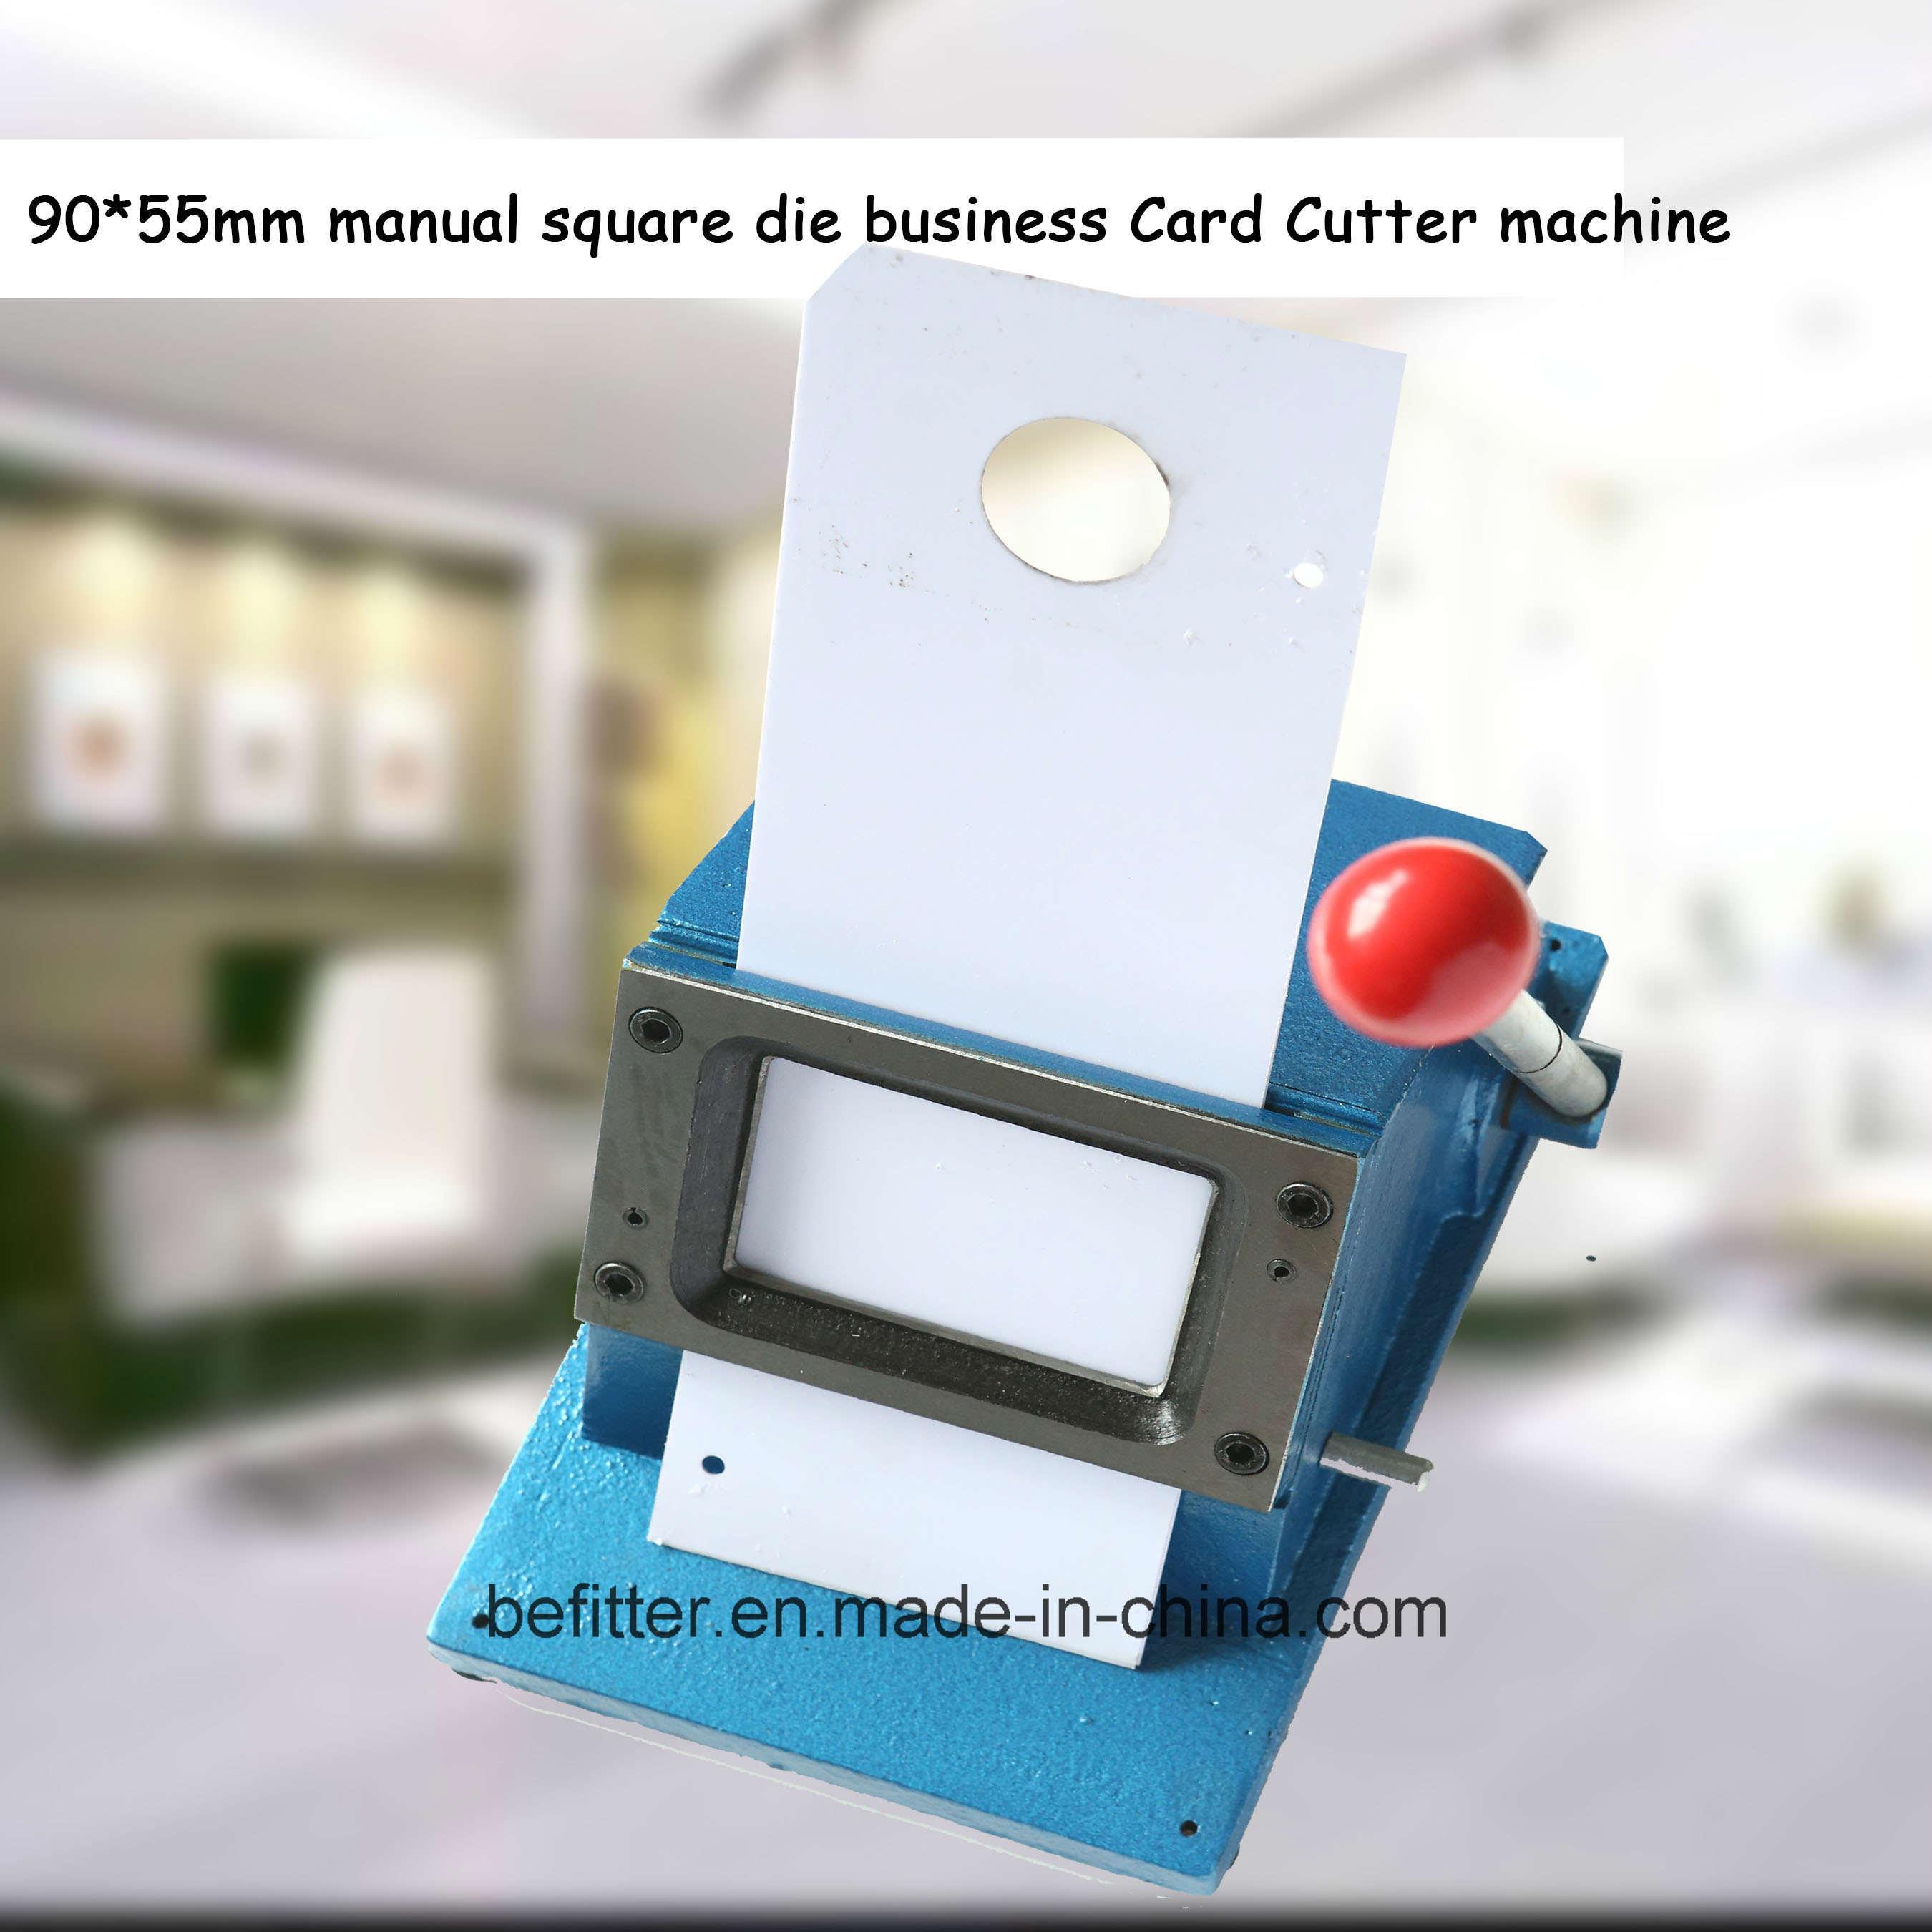 China D-010 90*55mm manual square die business Card Cutter machine ...